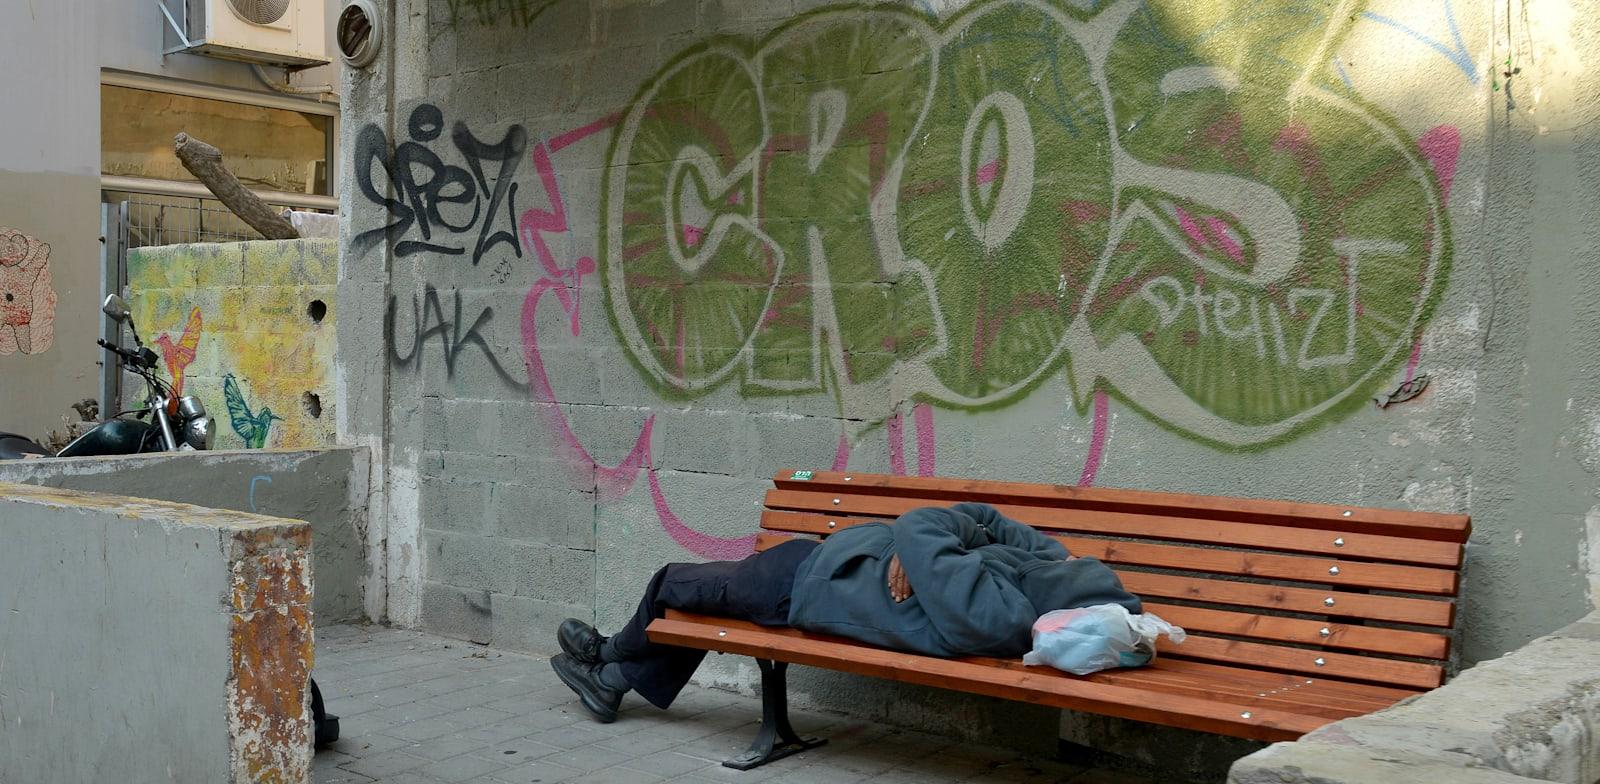 הומלס שוכב על ספסל ברחוב / צילום: תמר מצפי